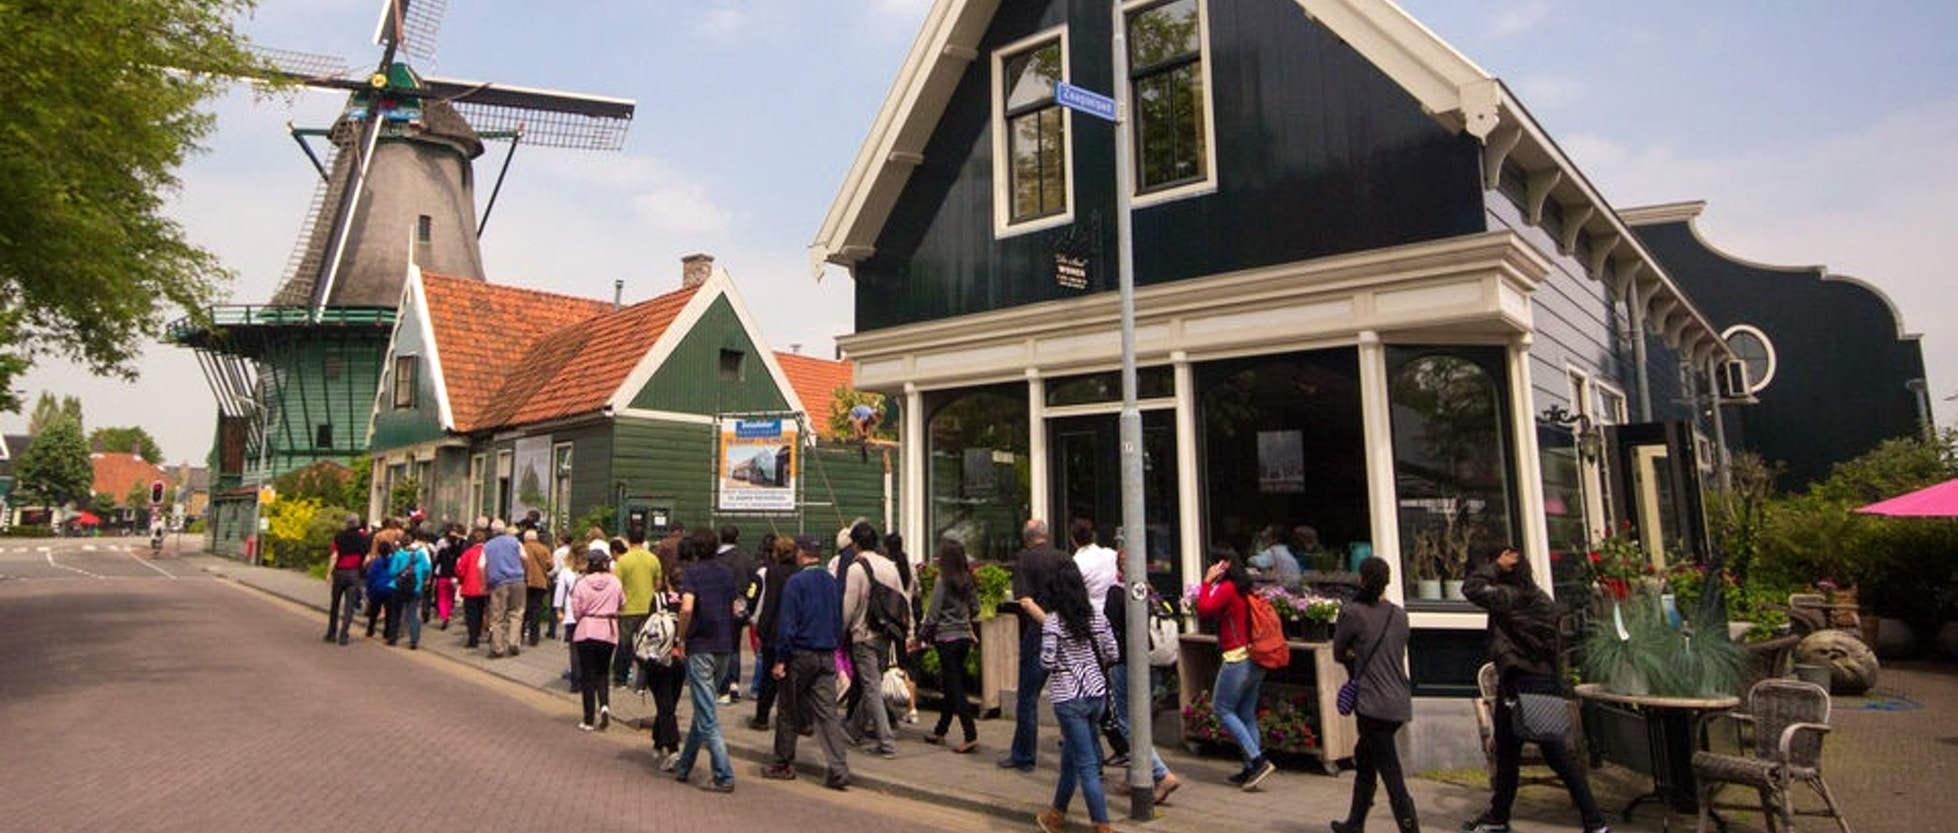 Giornata Nazionale Dei Mulini A Vento Vivi Amsterdam